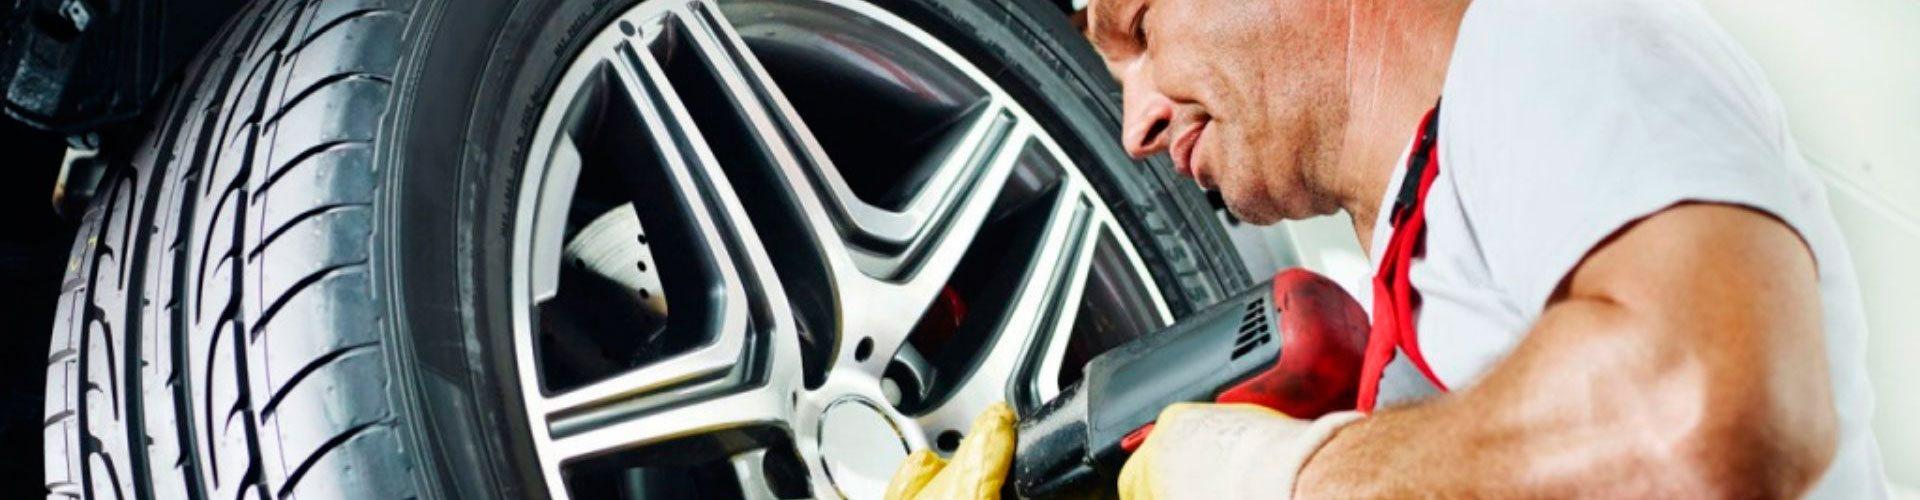 СТО Автокруг на Шаранговича ремонт и ТО автомобилей в Минске фото 17